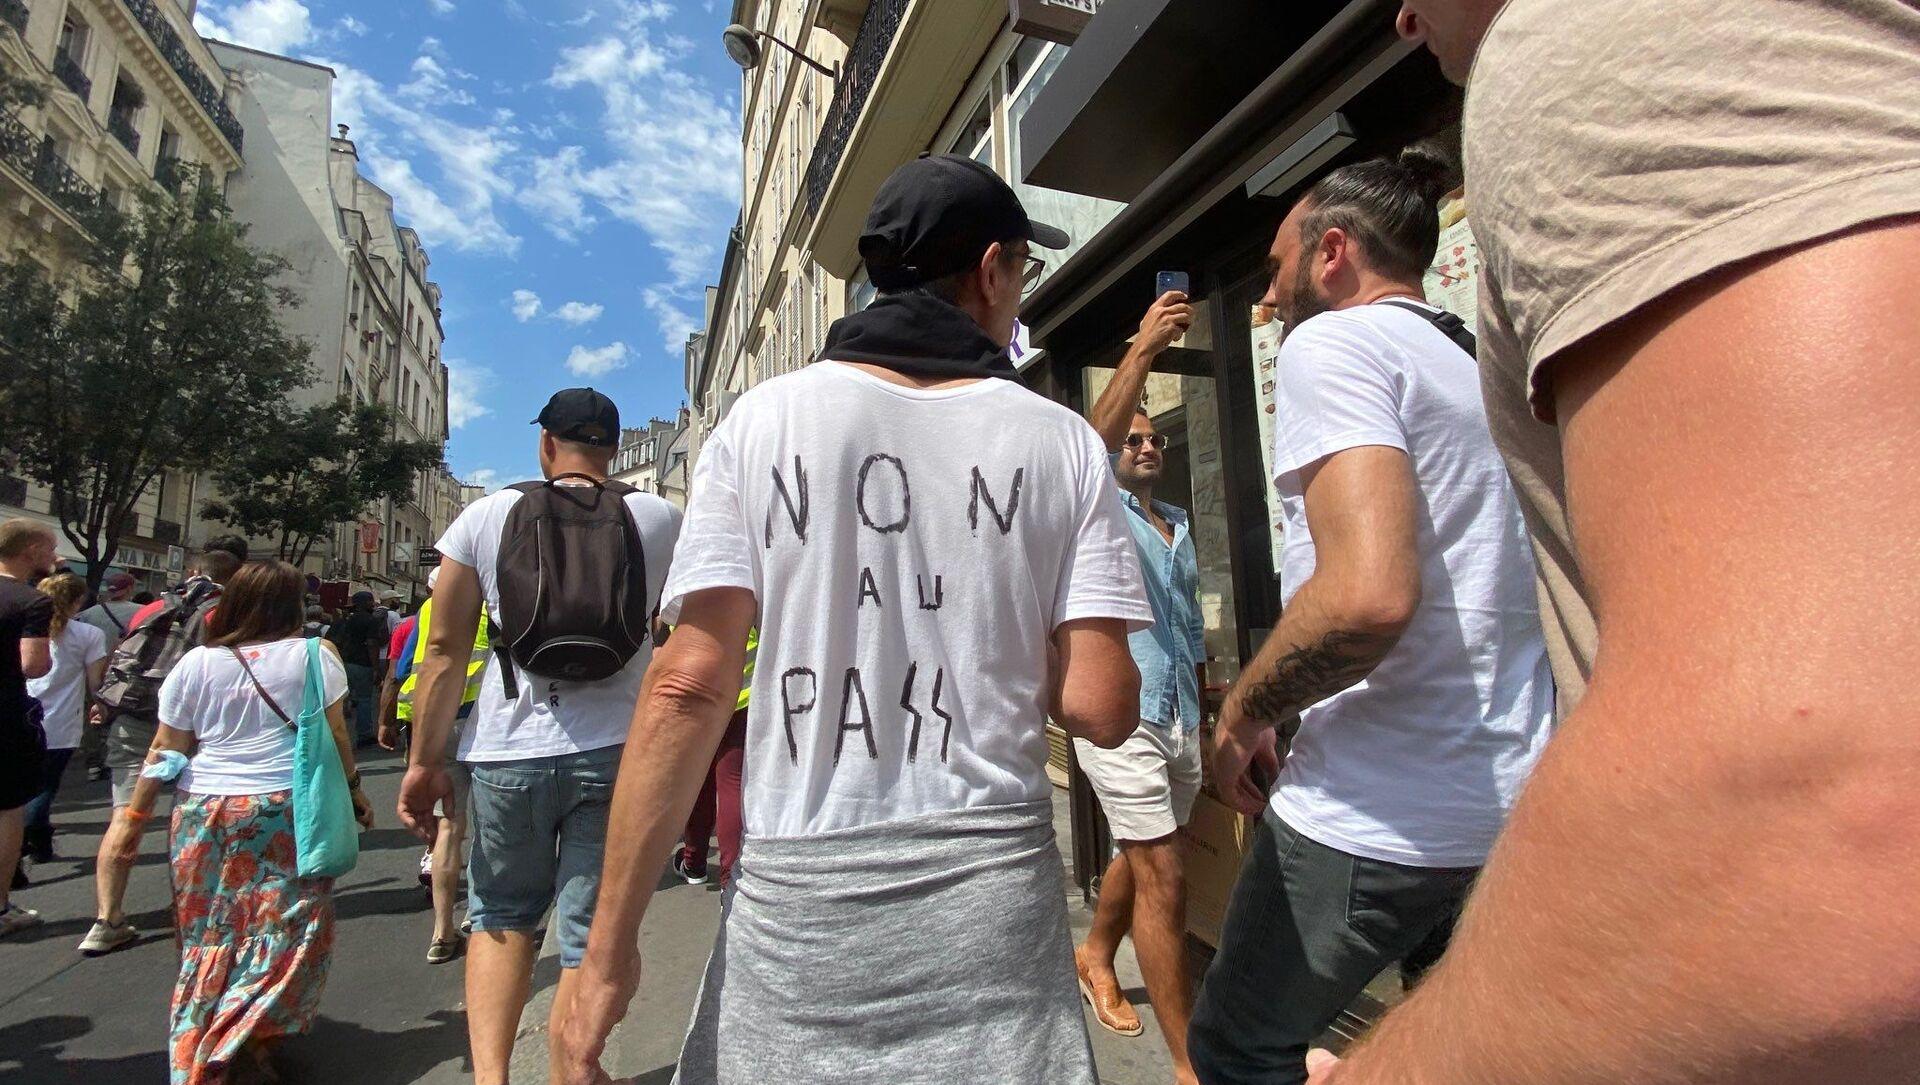 Manifestation contre le pass sanitaire, 24 juillet 2021 - Sputnik France, 1920, 24.07.2021